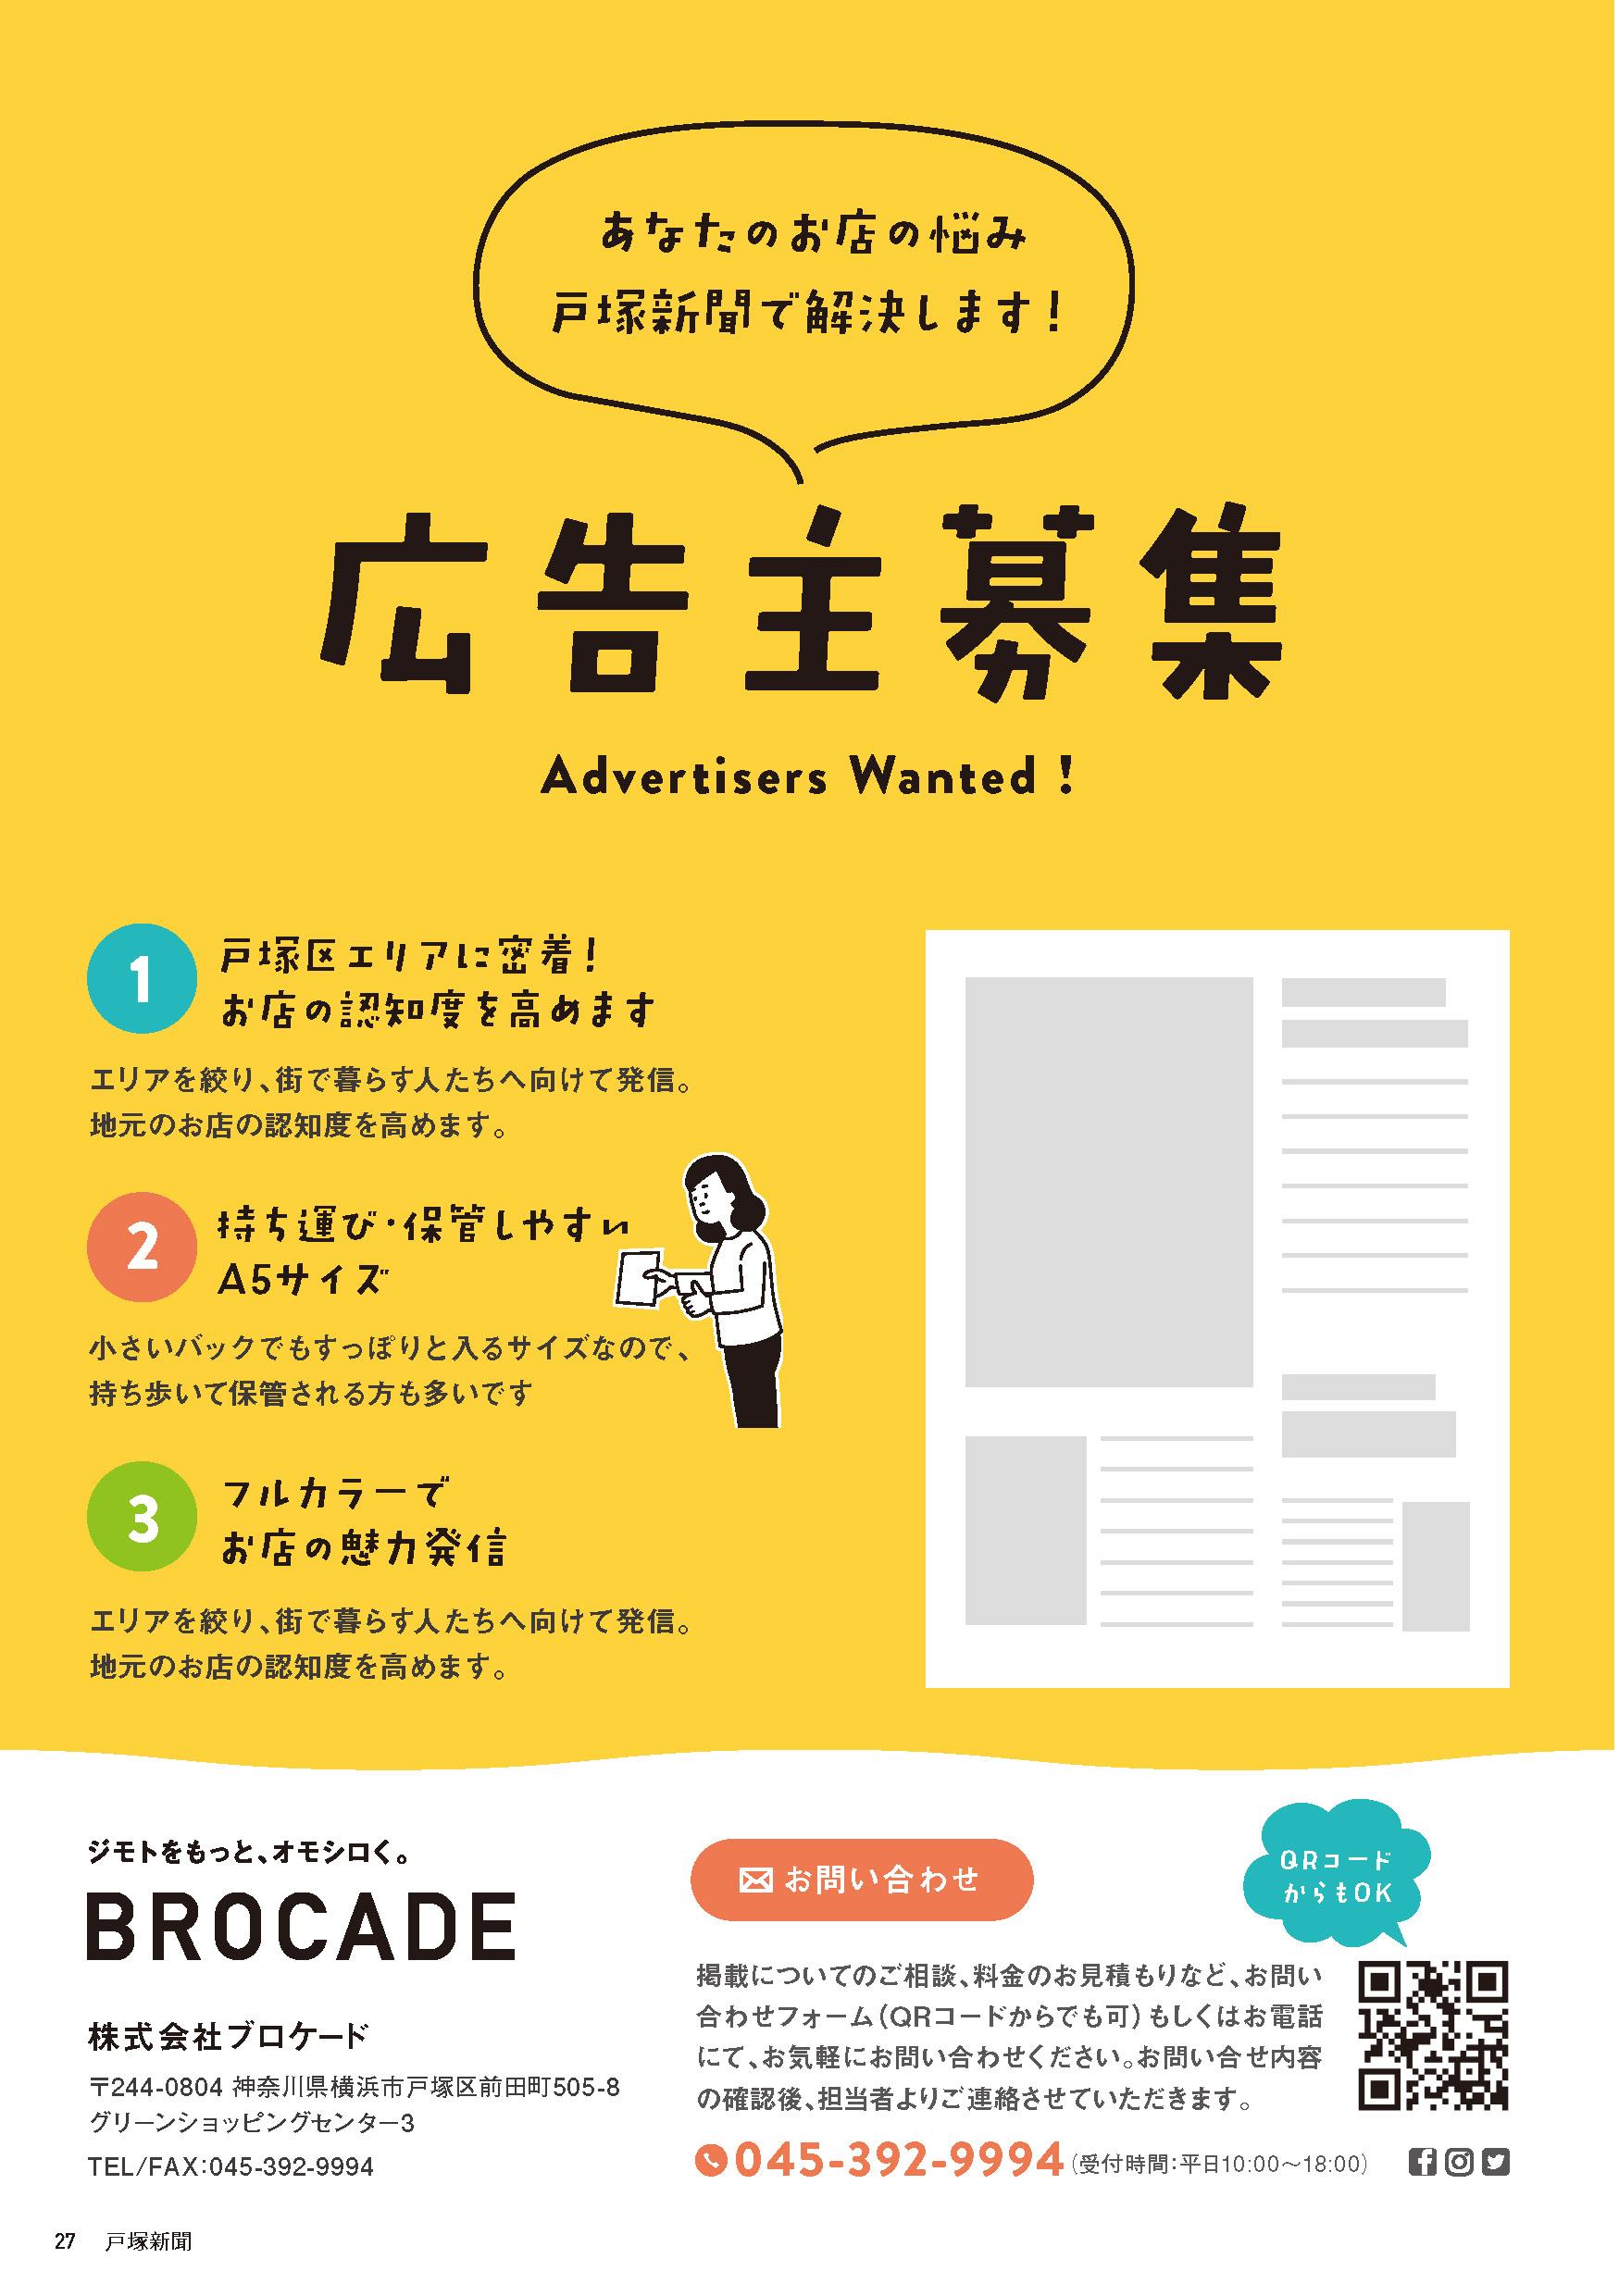 戸塚新聞2020年6月号_ページ_27